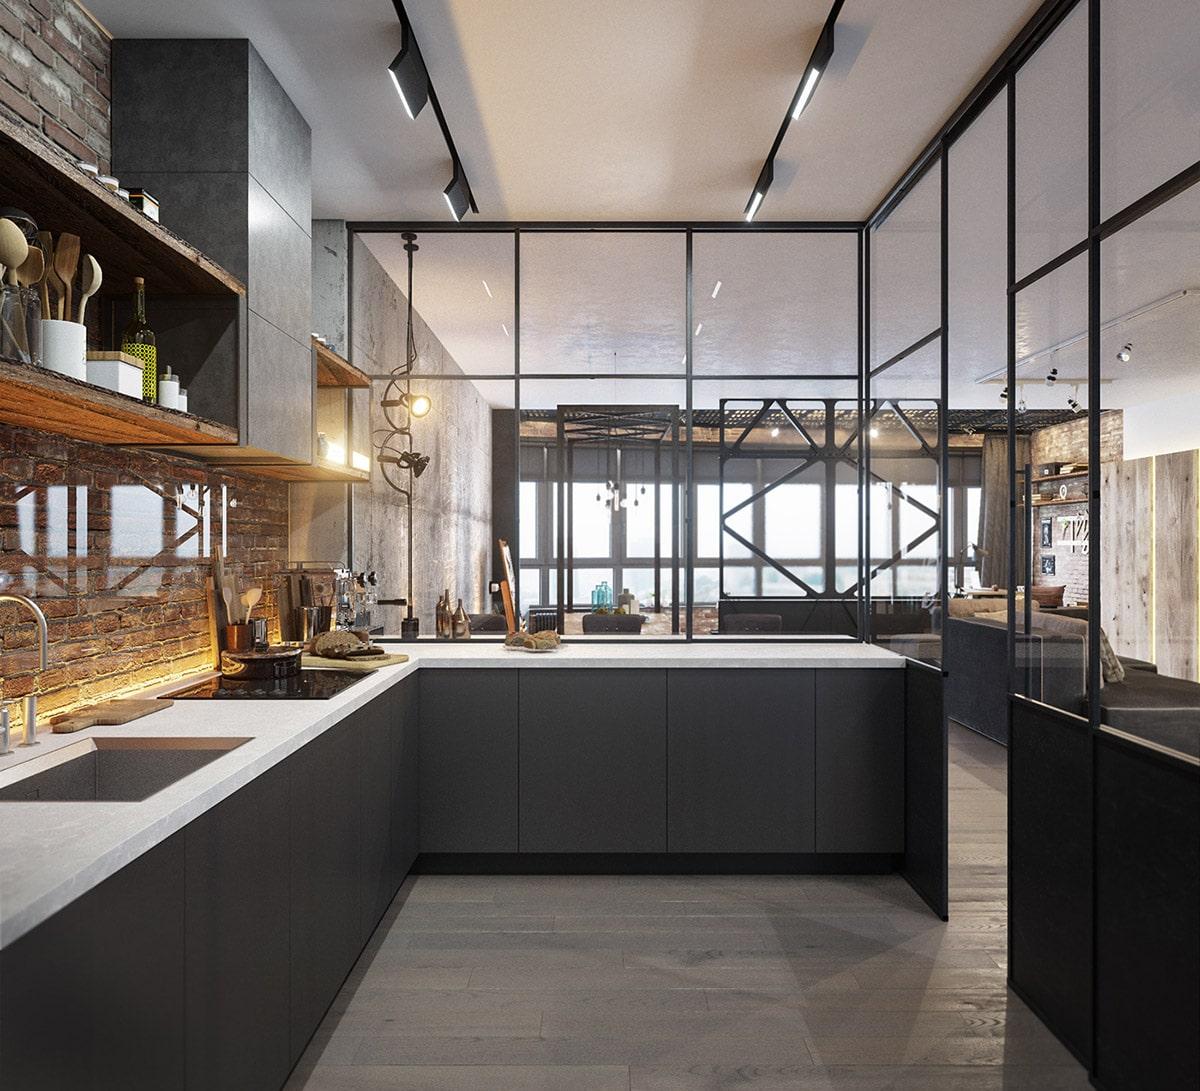 Кухонный гарнитур на фоне кирпичной кладки выглядит шикарно